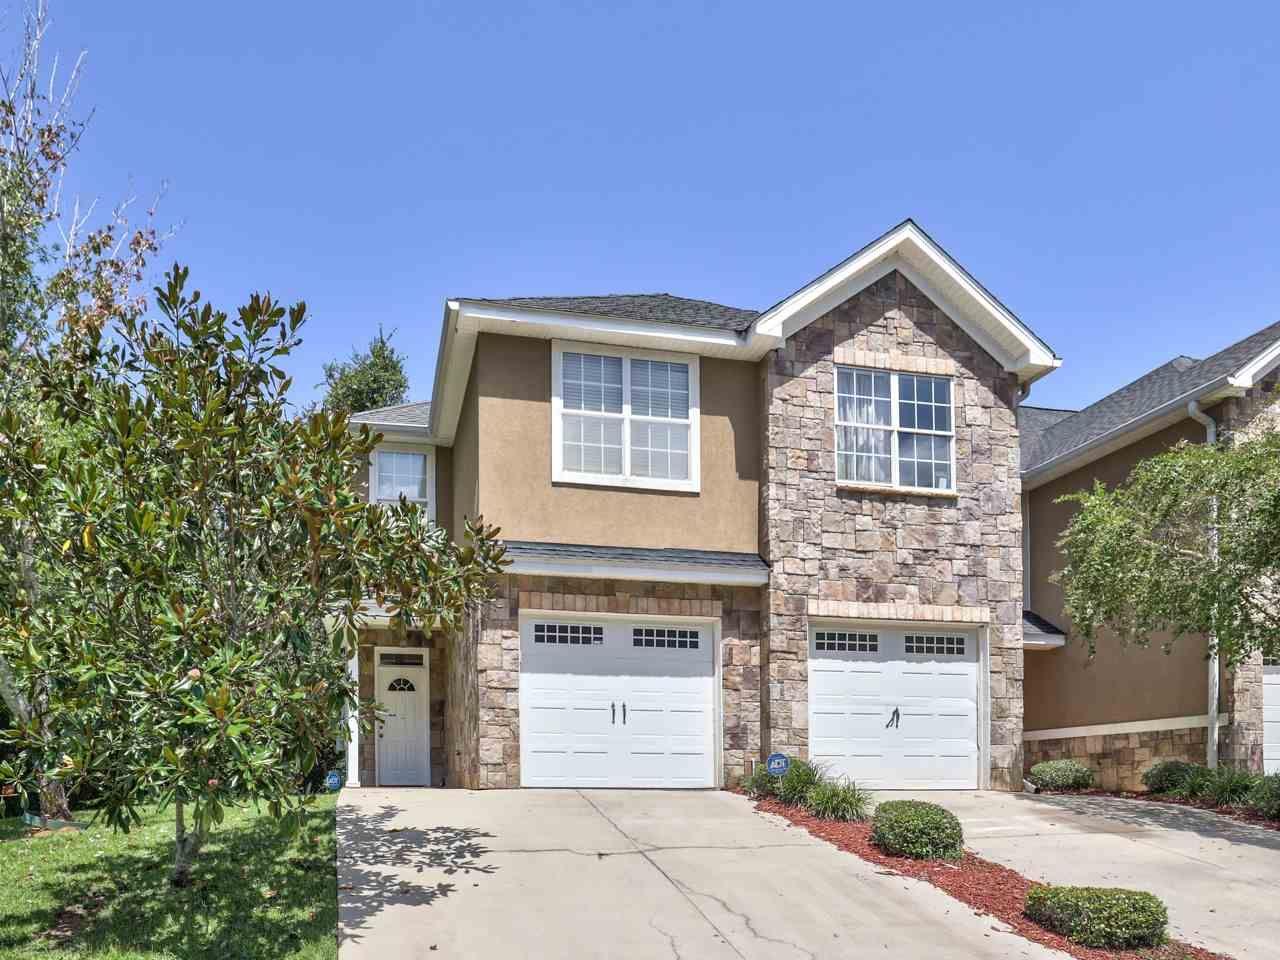 1575 Paul Russell Road #4801, Tallahassee, FL 32301 - MLS#: 323358